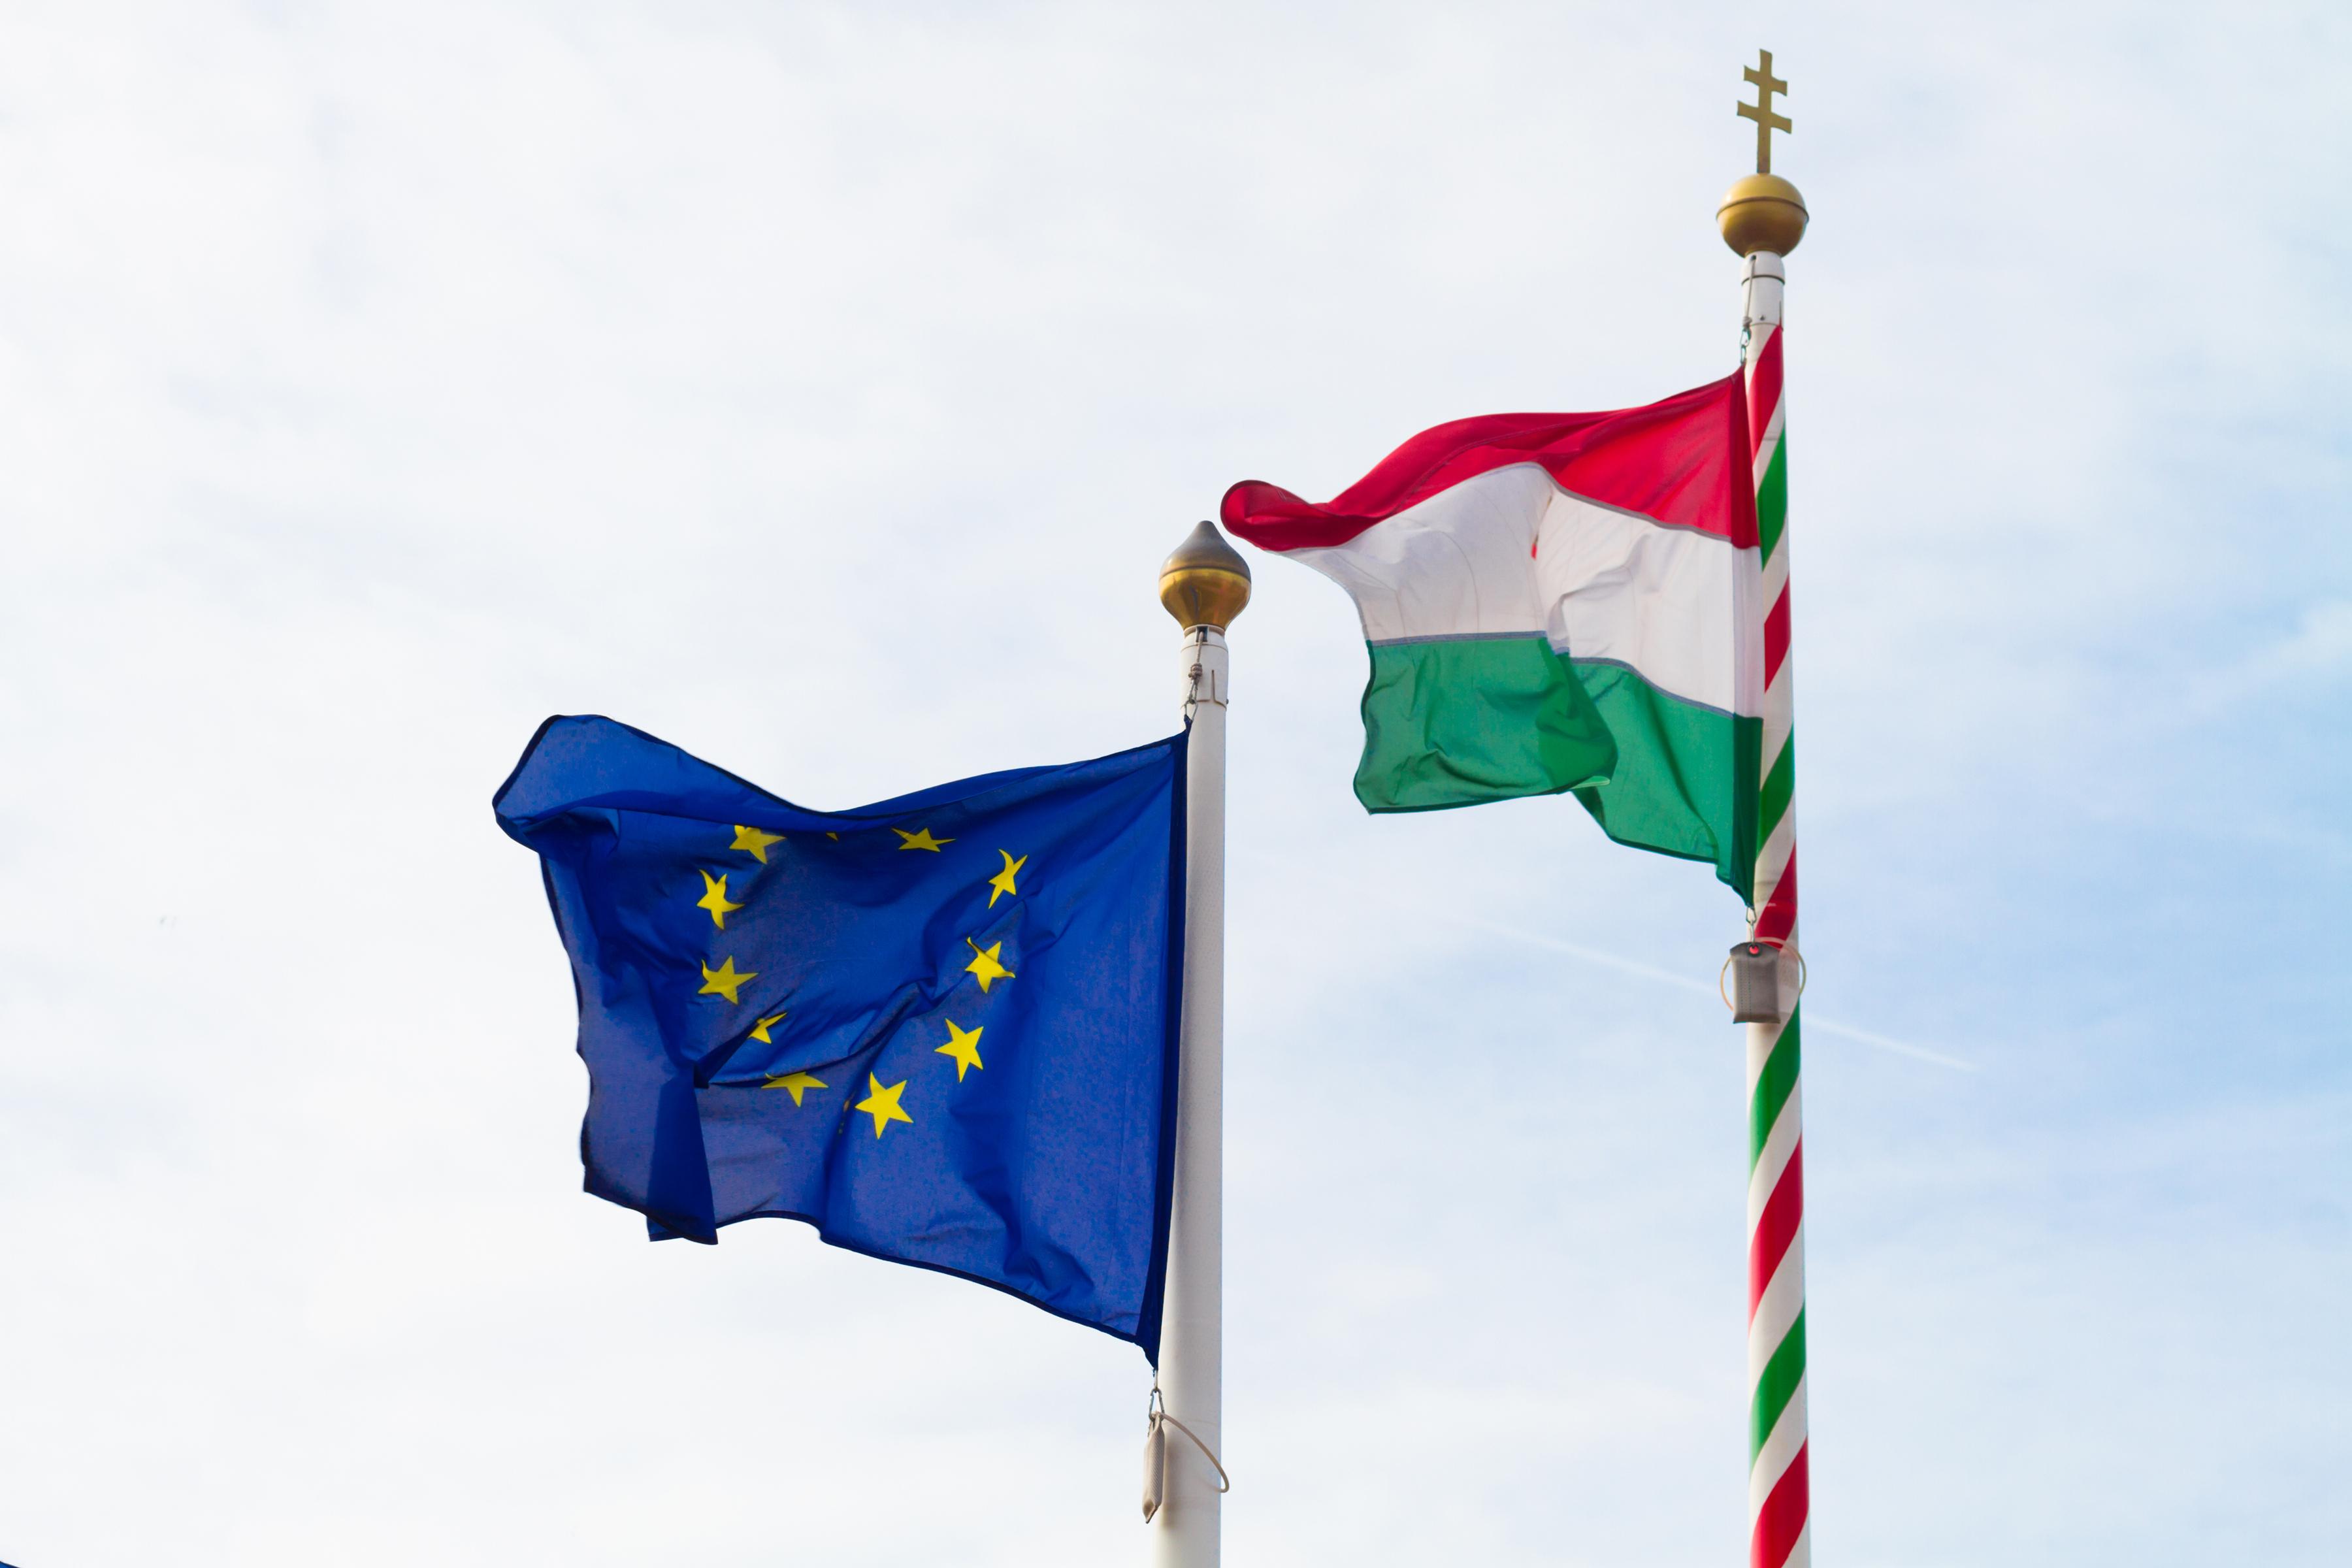 EU droht Nothaushalt wegen Blockade von Ungarn und Polen